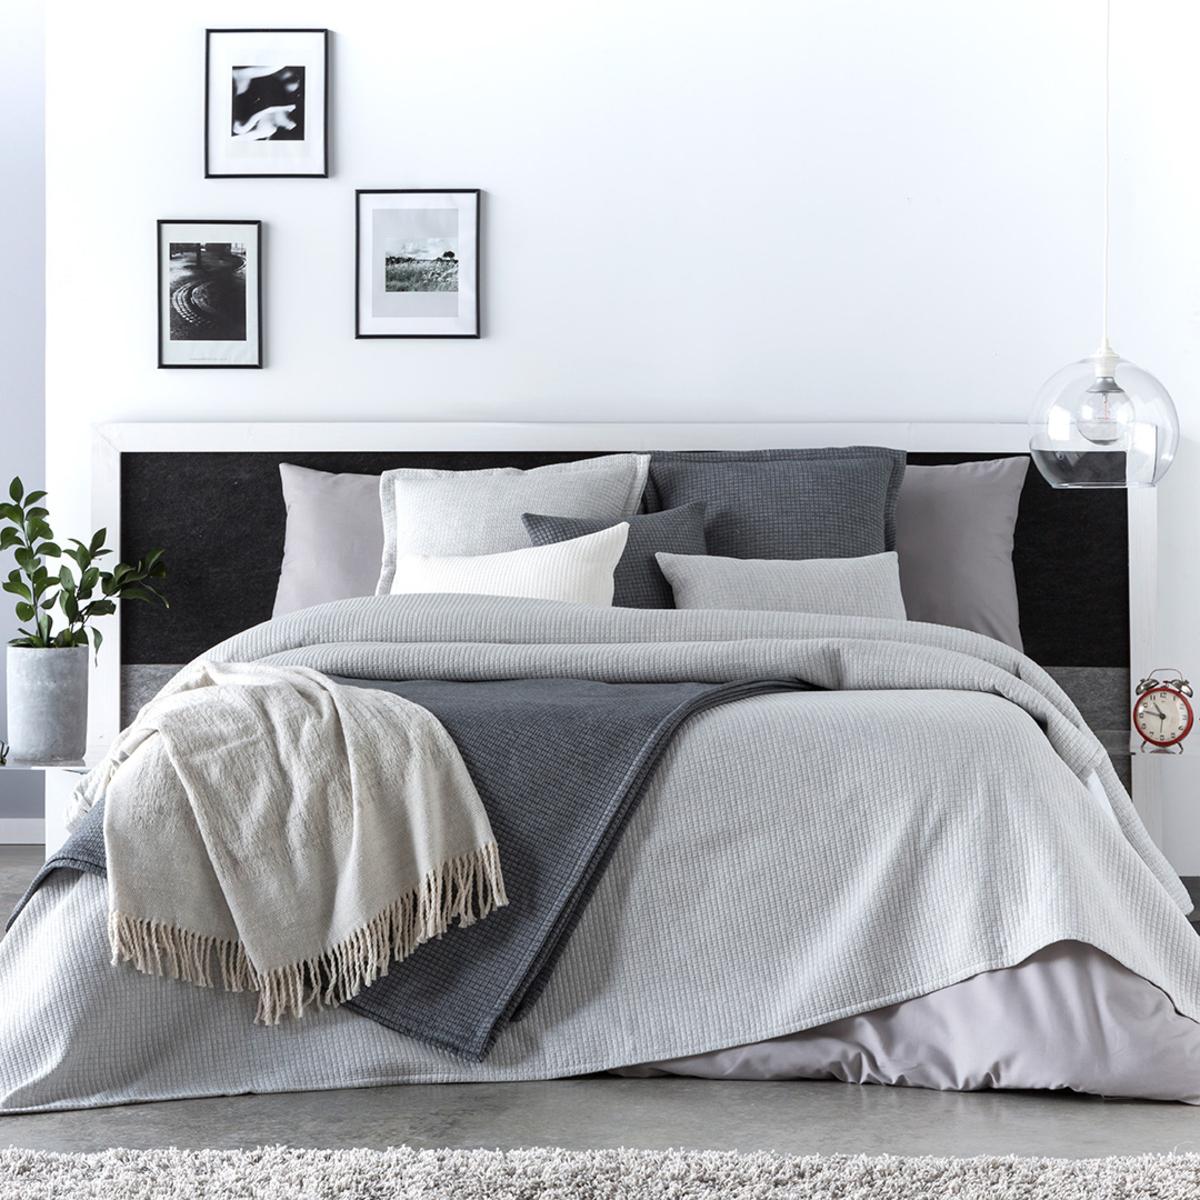 Couvre lit en coton perle 250x270